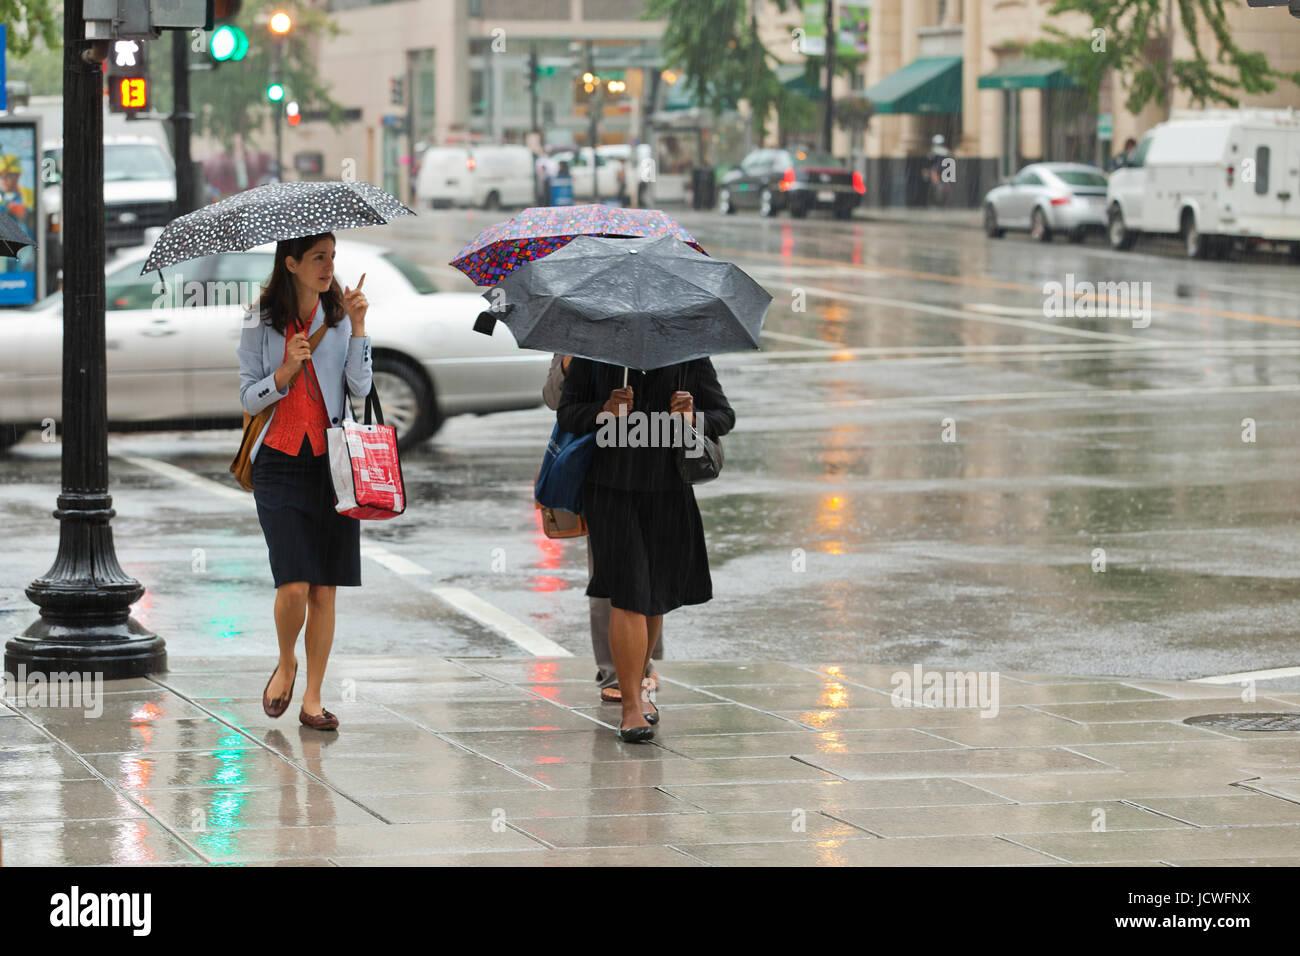 Frauen gehen mit Regenschirmen während einem Regentag (Frau mit Regenschirm) - Washington, DC USA Stockbild